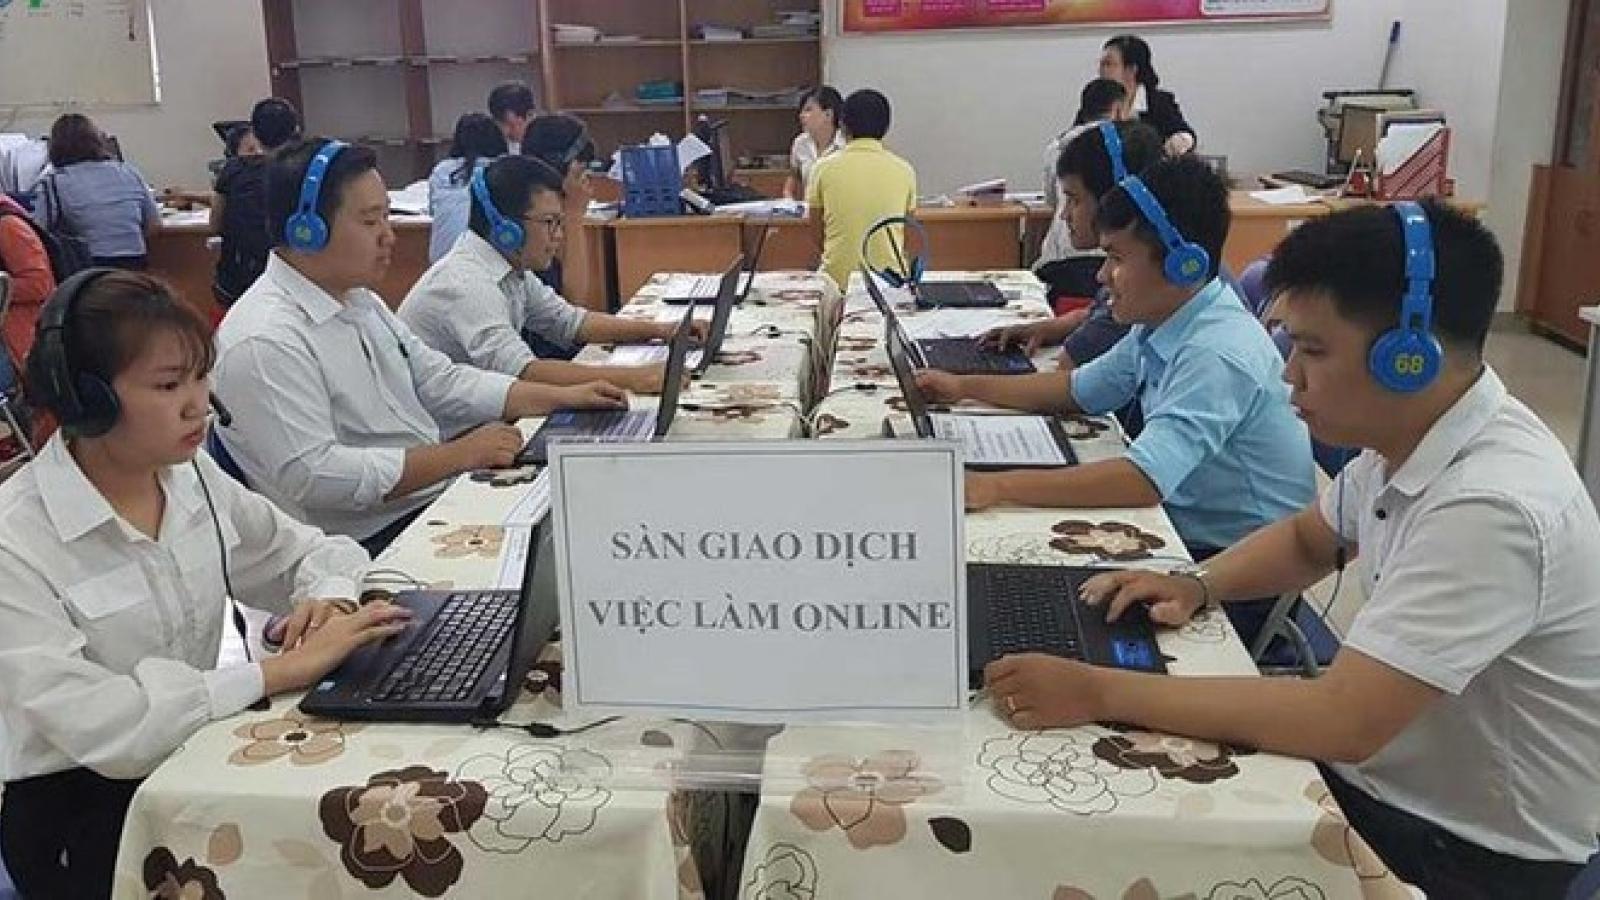 Hàng trăm người tìm được việc qua phiên giao dịch việc làm trực tuyến